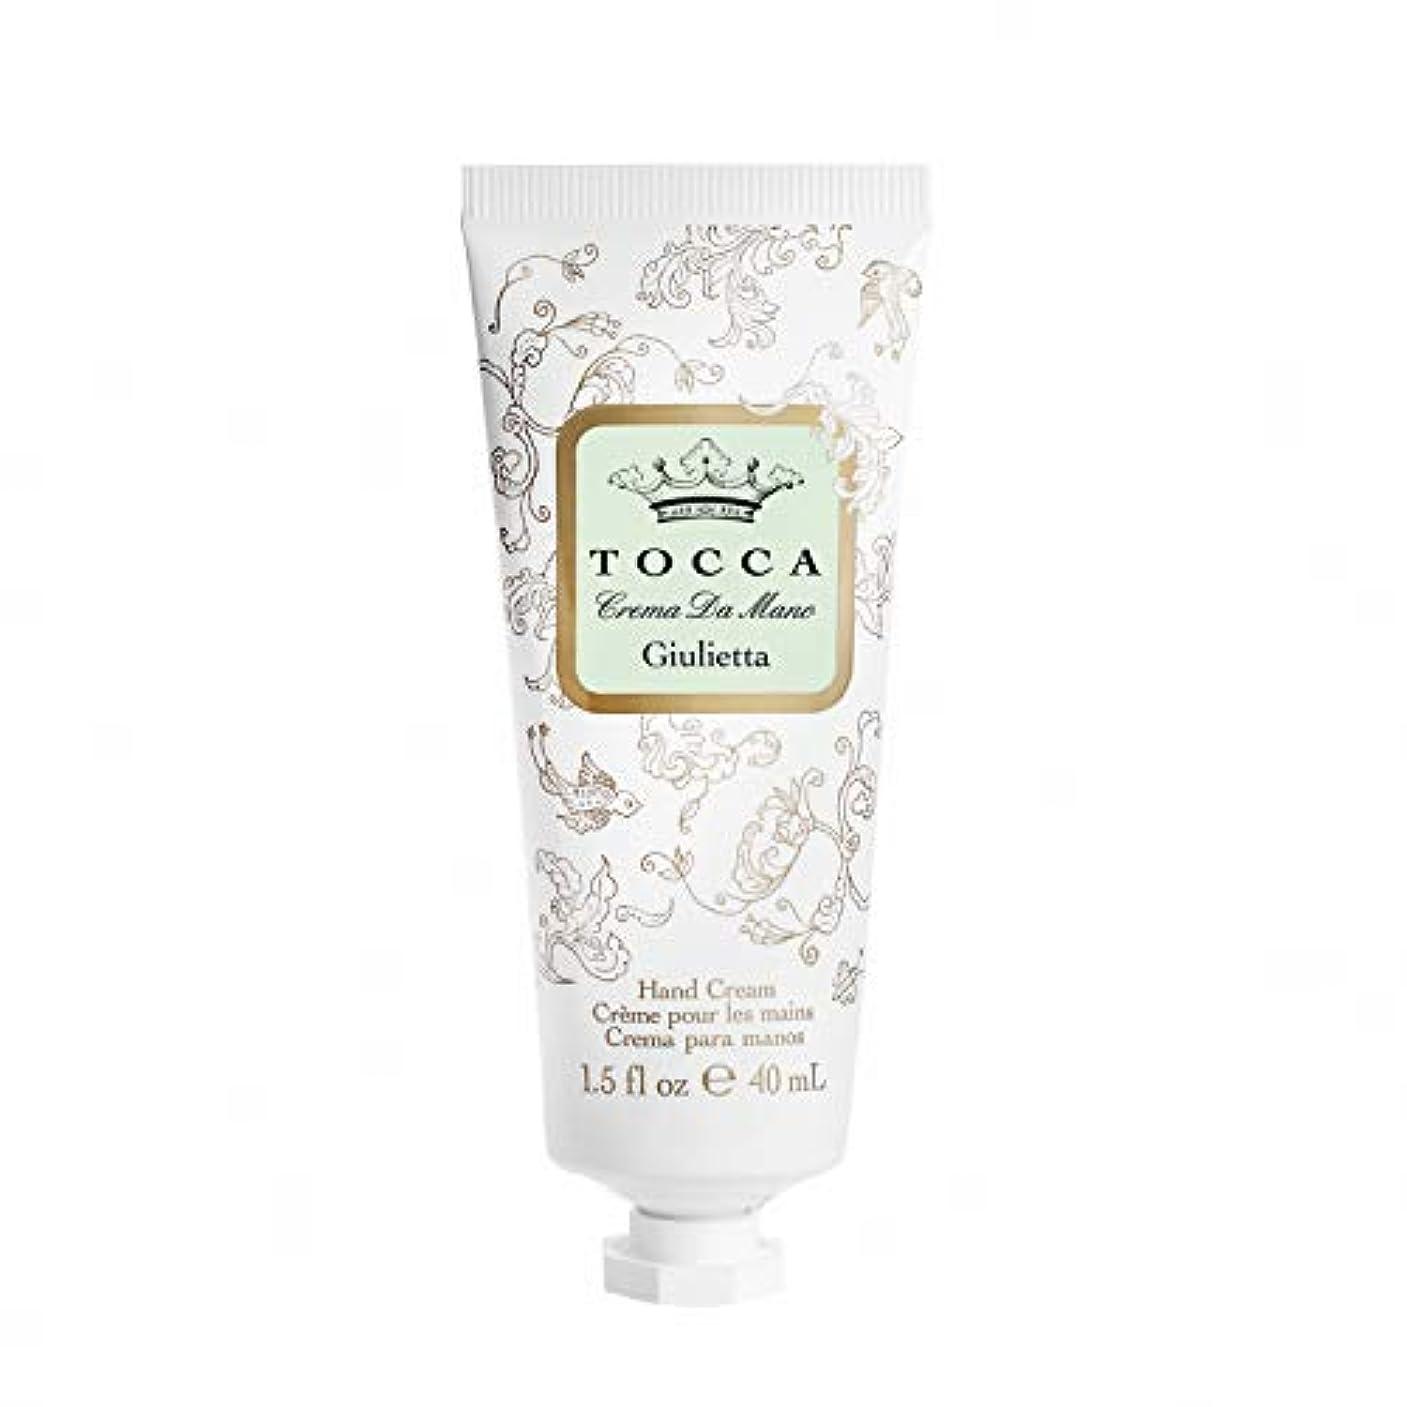 ピル受取人句トッカ(TOCCA) ハンドクリーム ジュリエッタの香り 40mL (手指用保湿 ピンクチューリップとグリーンアップルの爽やかで甘い香り)